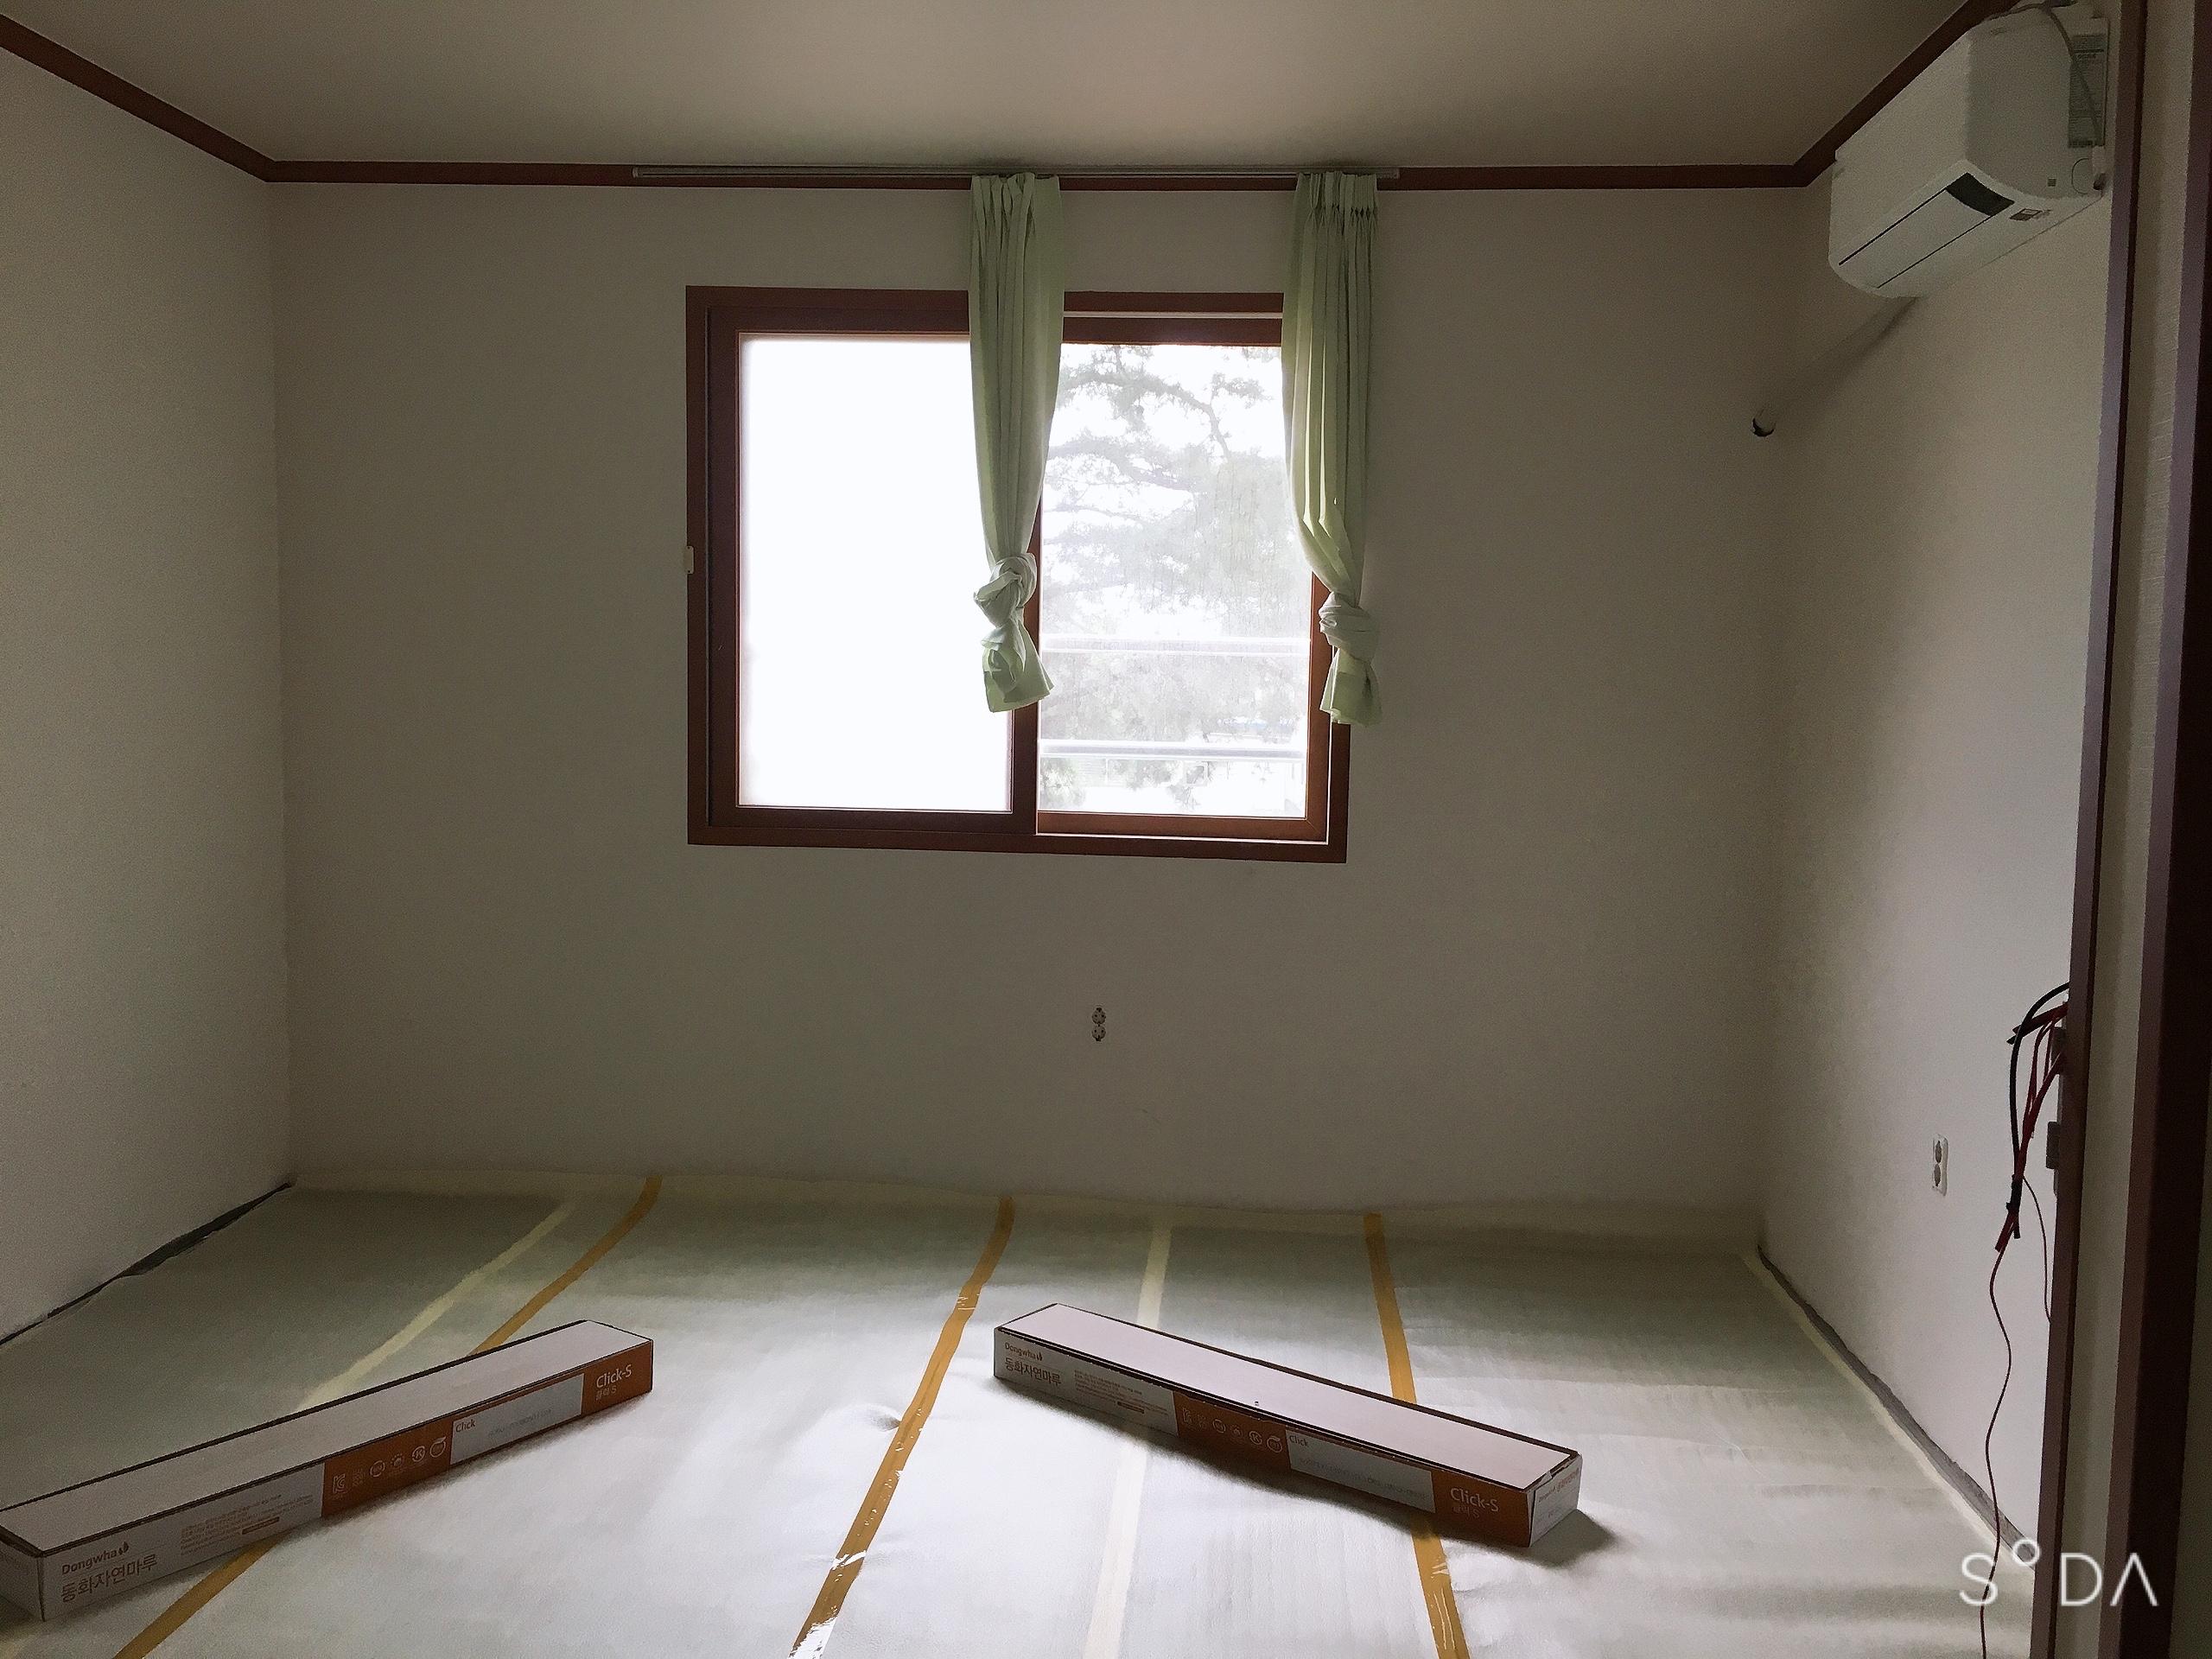 [일반] 2020학년도 기숙사 환경 공사의 첨부이미지 1